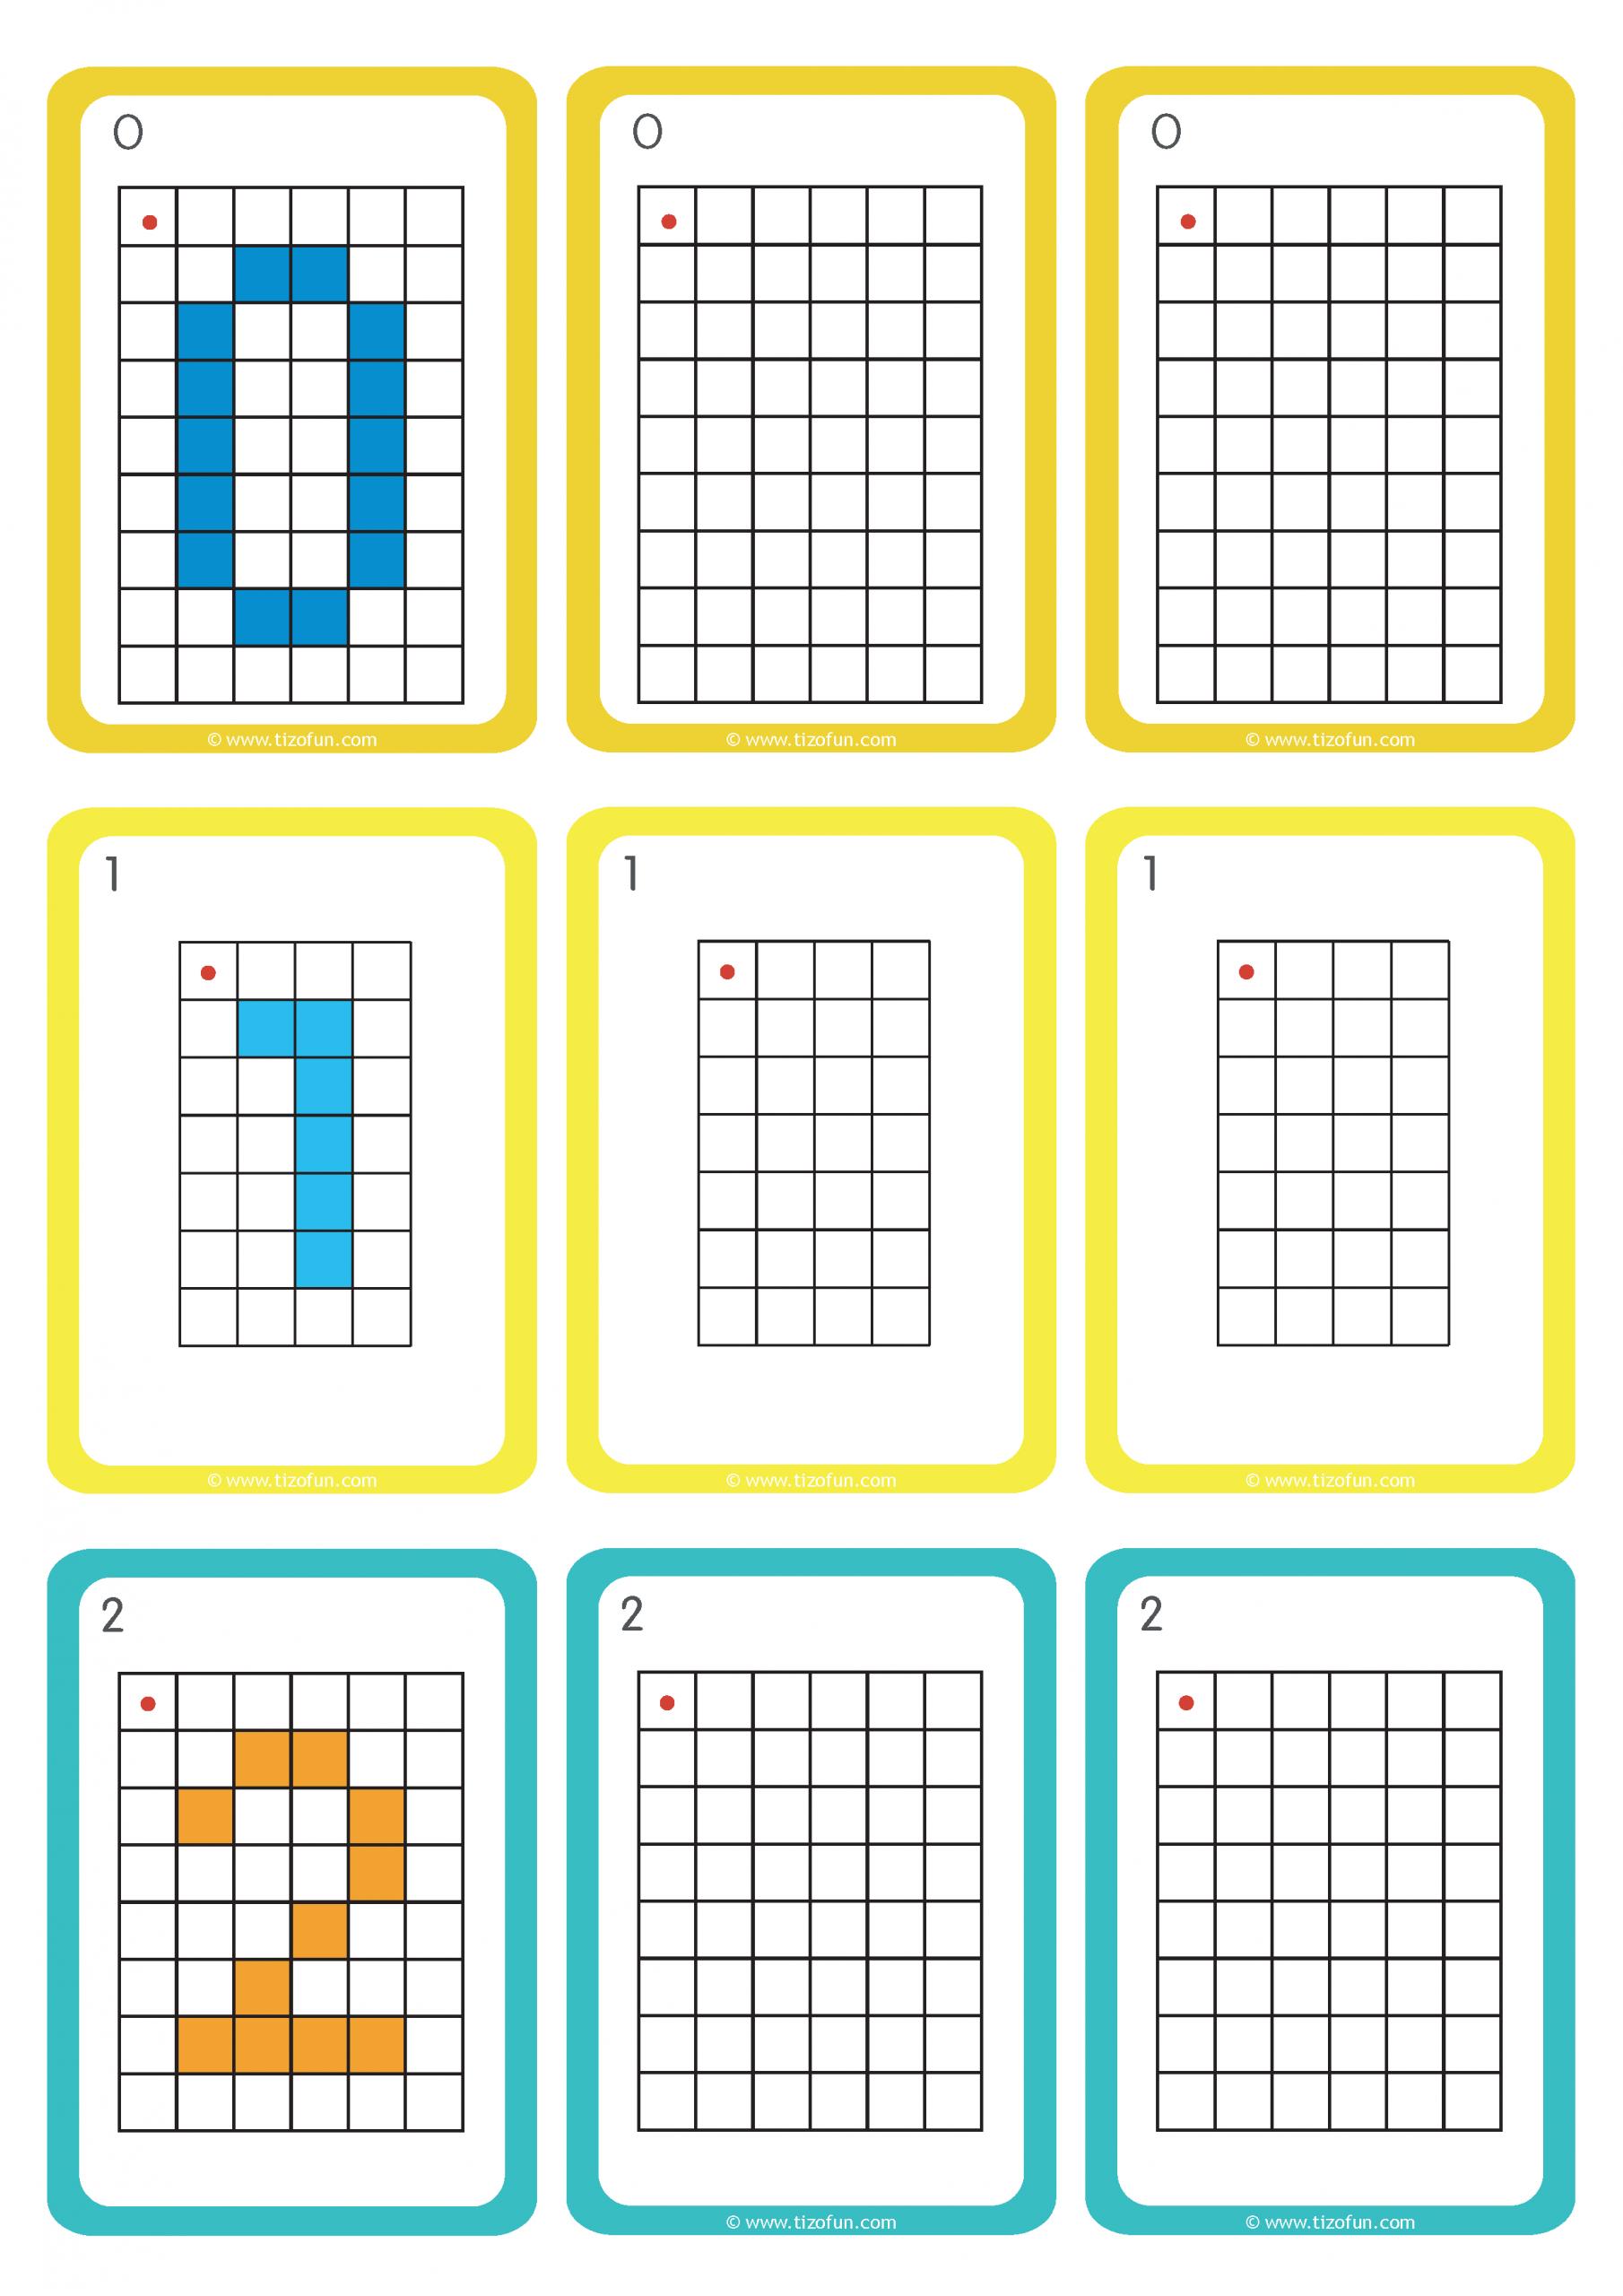 Exercice De Math Cp En Ligne Fiche Mathématique À Imprimer destiné Jeux Mathématiques À Imprimer